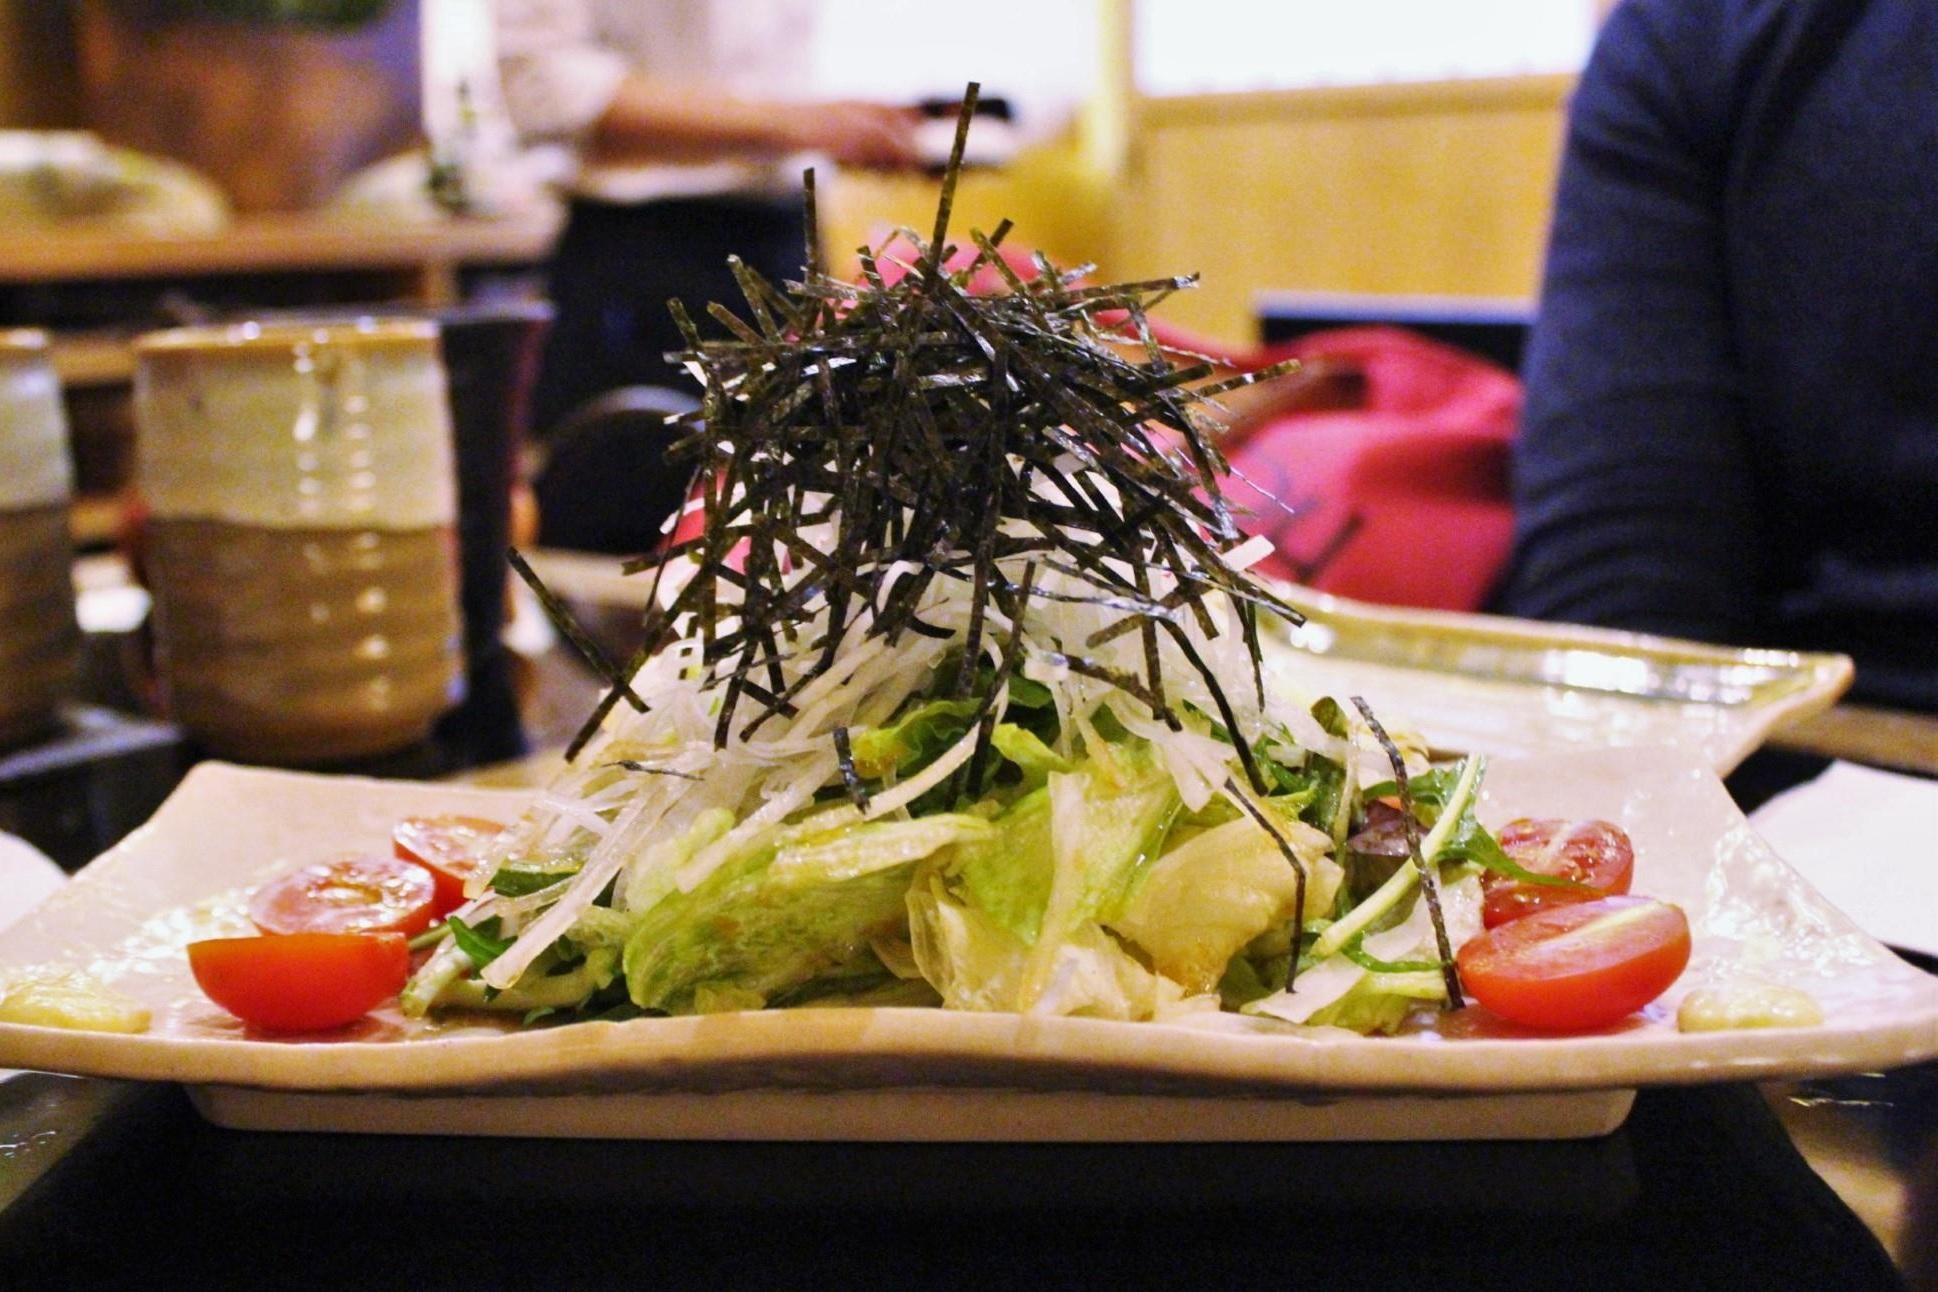 Torishin Salad